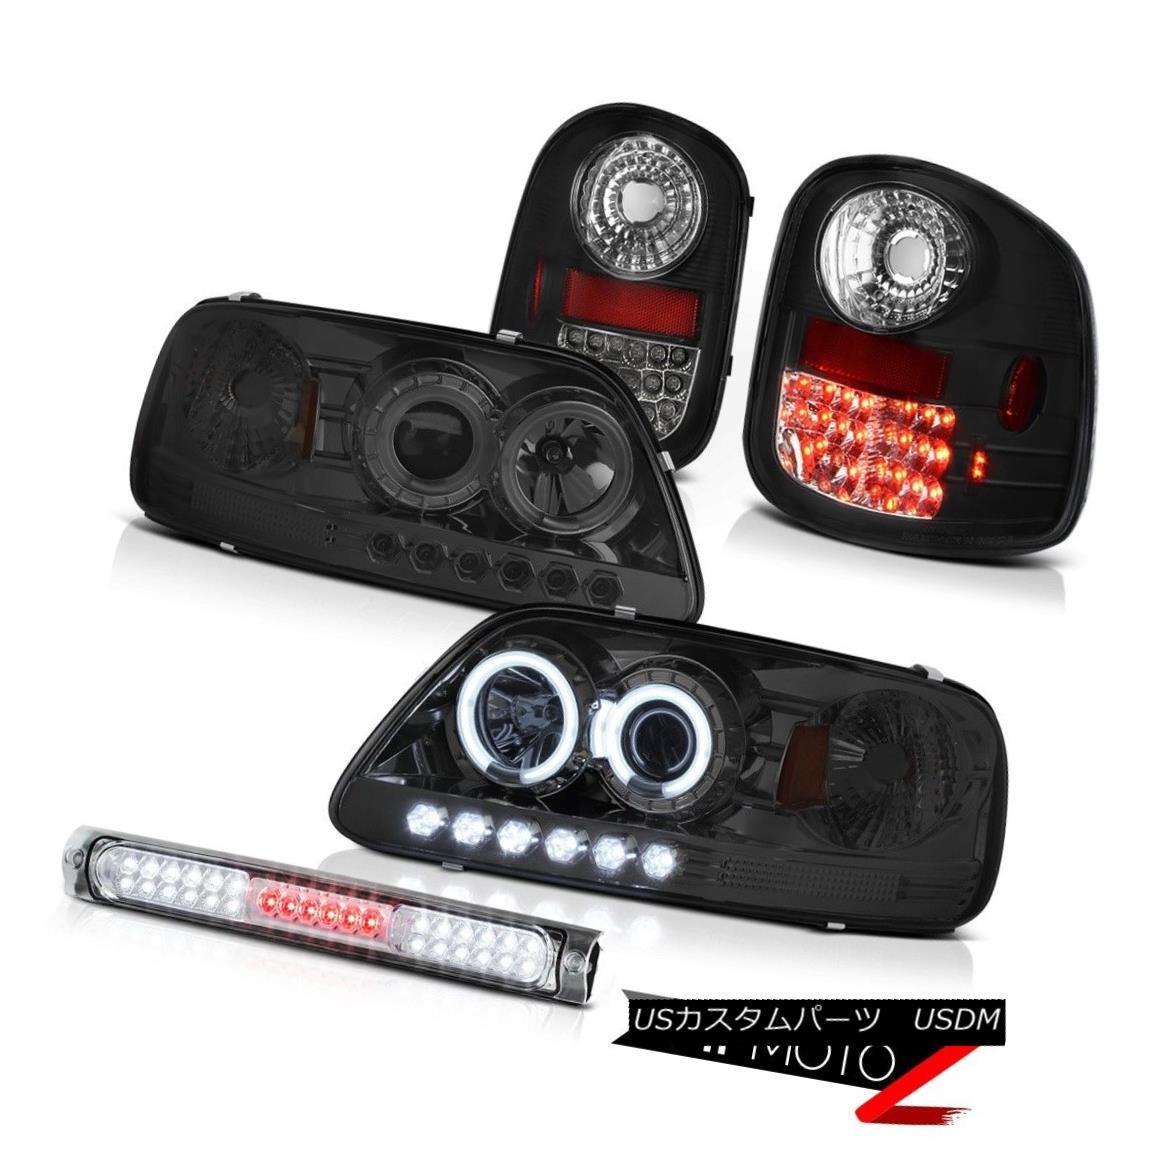 テールライト C.C.F.L Smoke Halo Headlights LED Bulbs Taillamps 97-03 F150 Flareside Lightning C.C.F.L煙ハローヘッドライトLED電球Taillamps 97-03 F150 Flareside Lightning